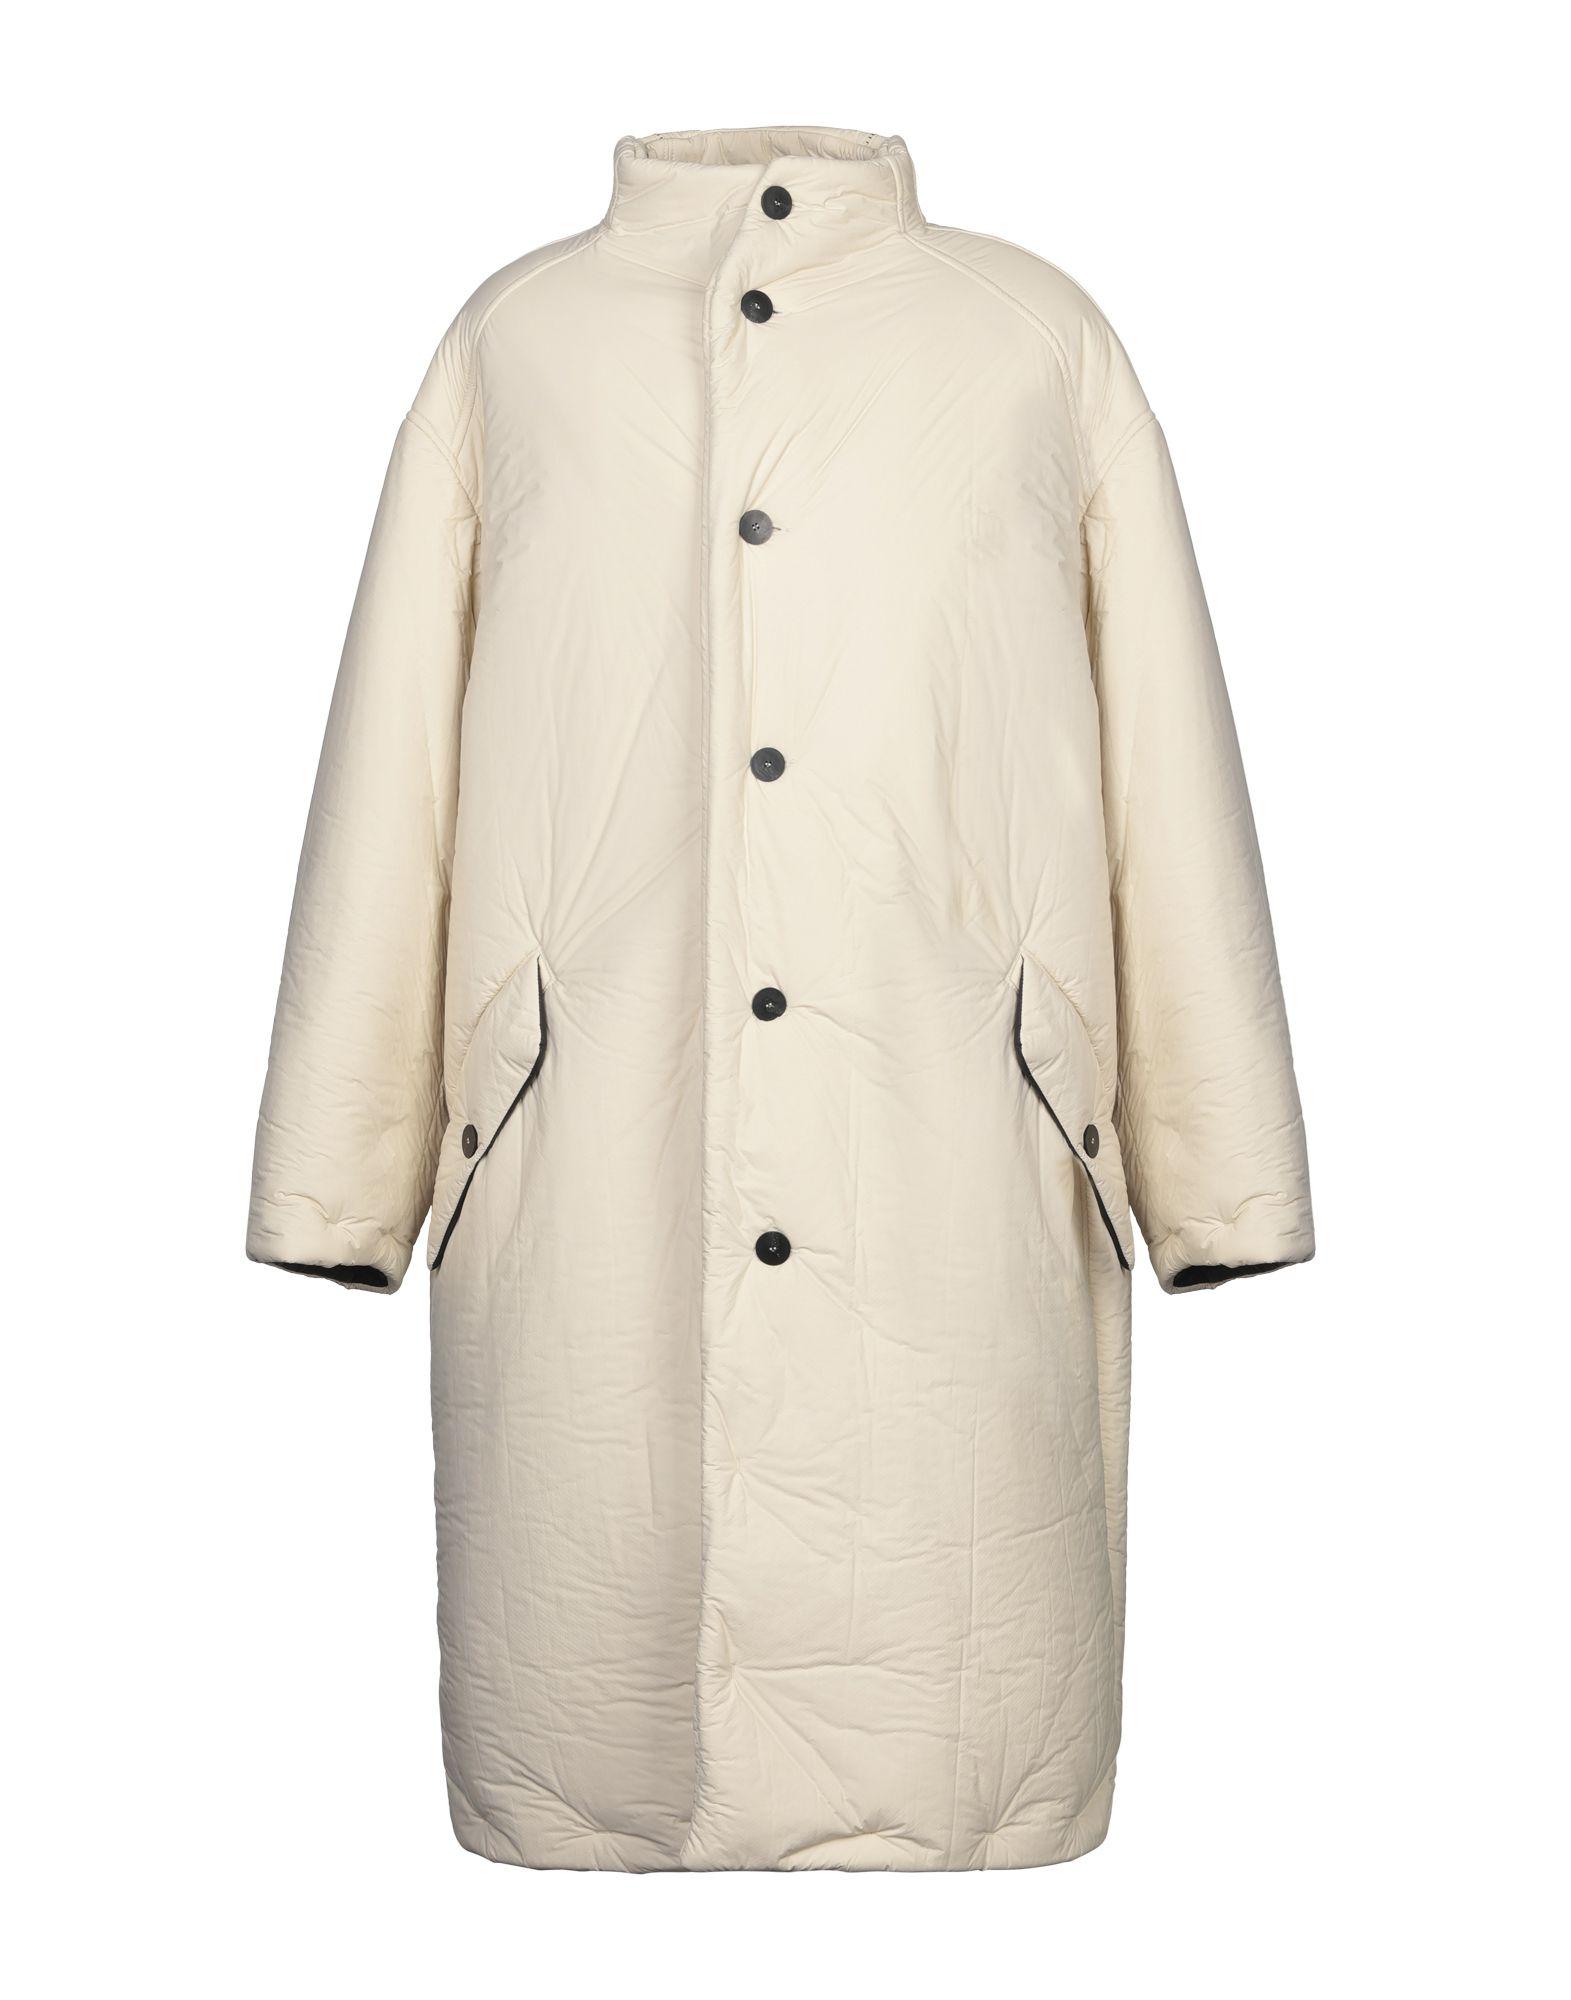 TOM REBL Coats - Item 41894801